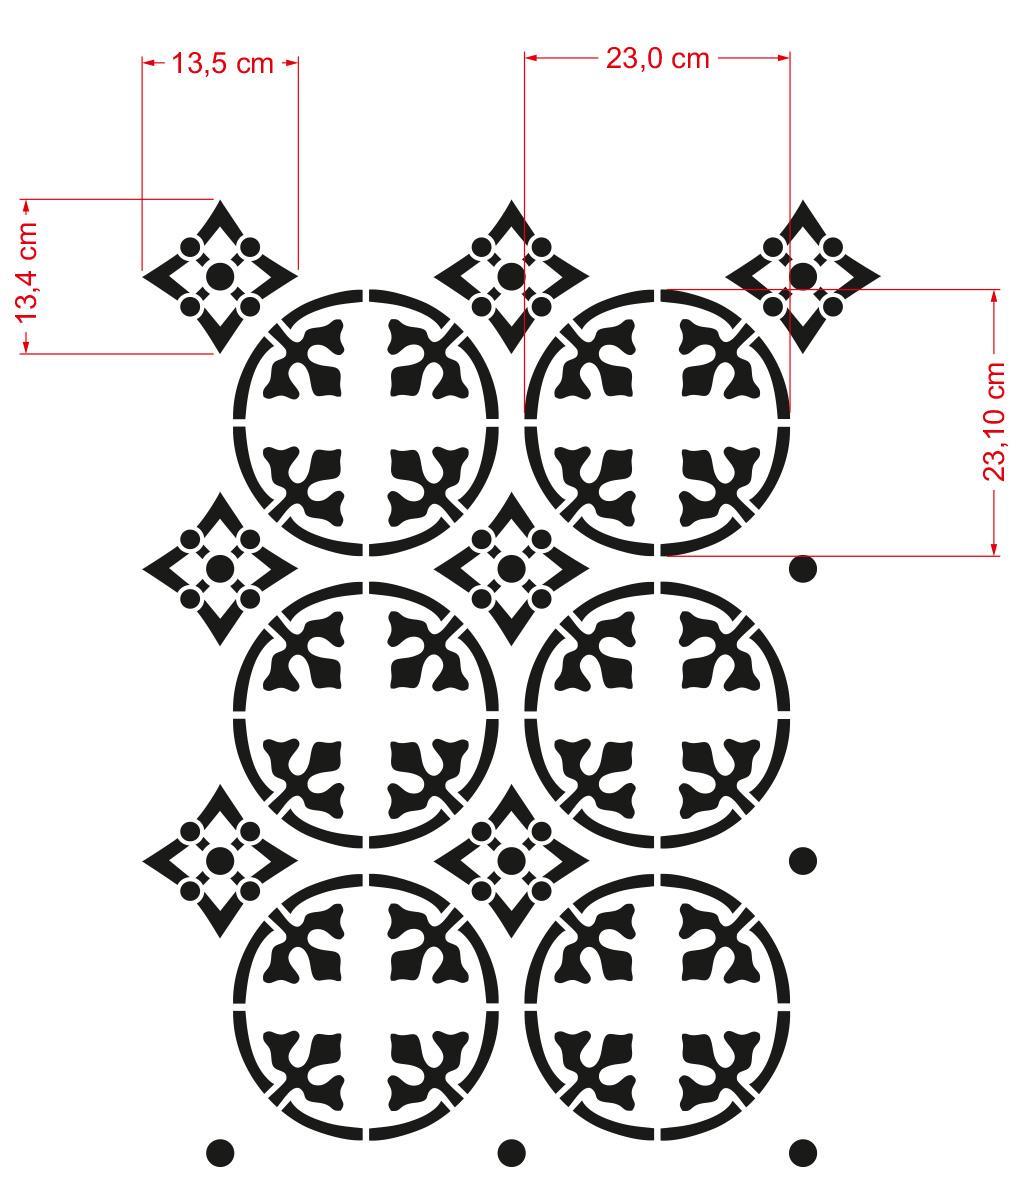 Šablóny - obkladačkové vzory 👍👍👍 - Obrázok č. 50